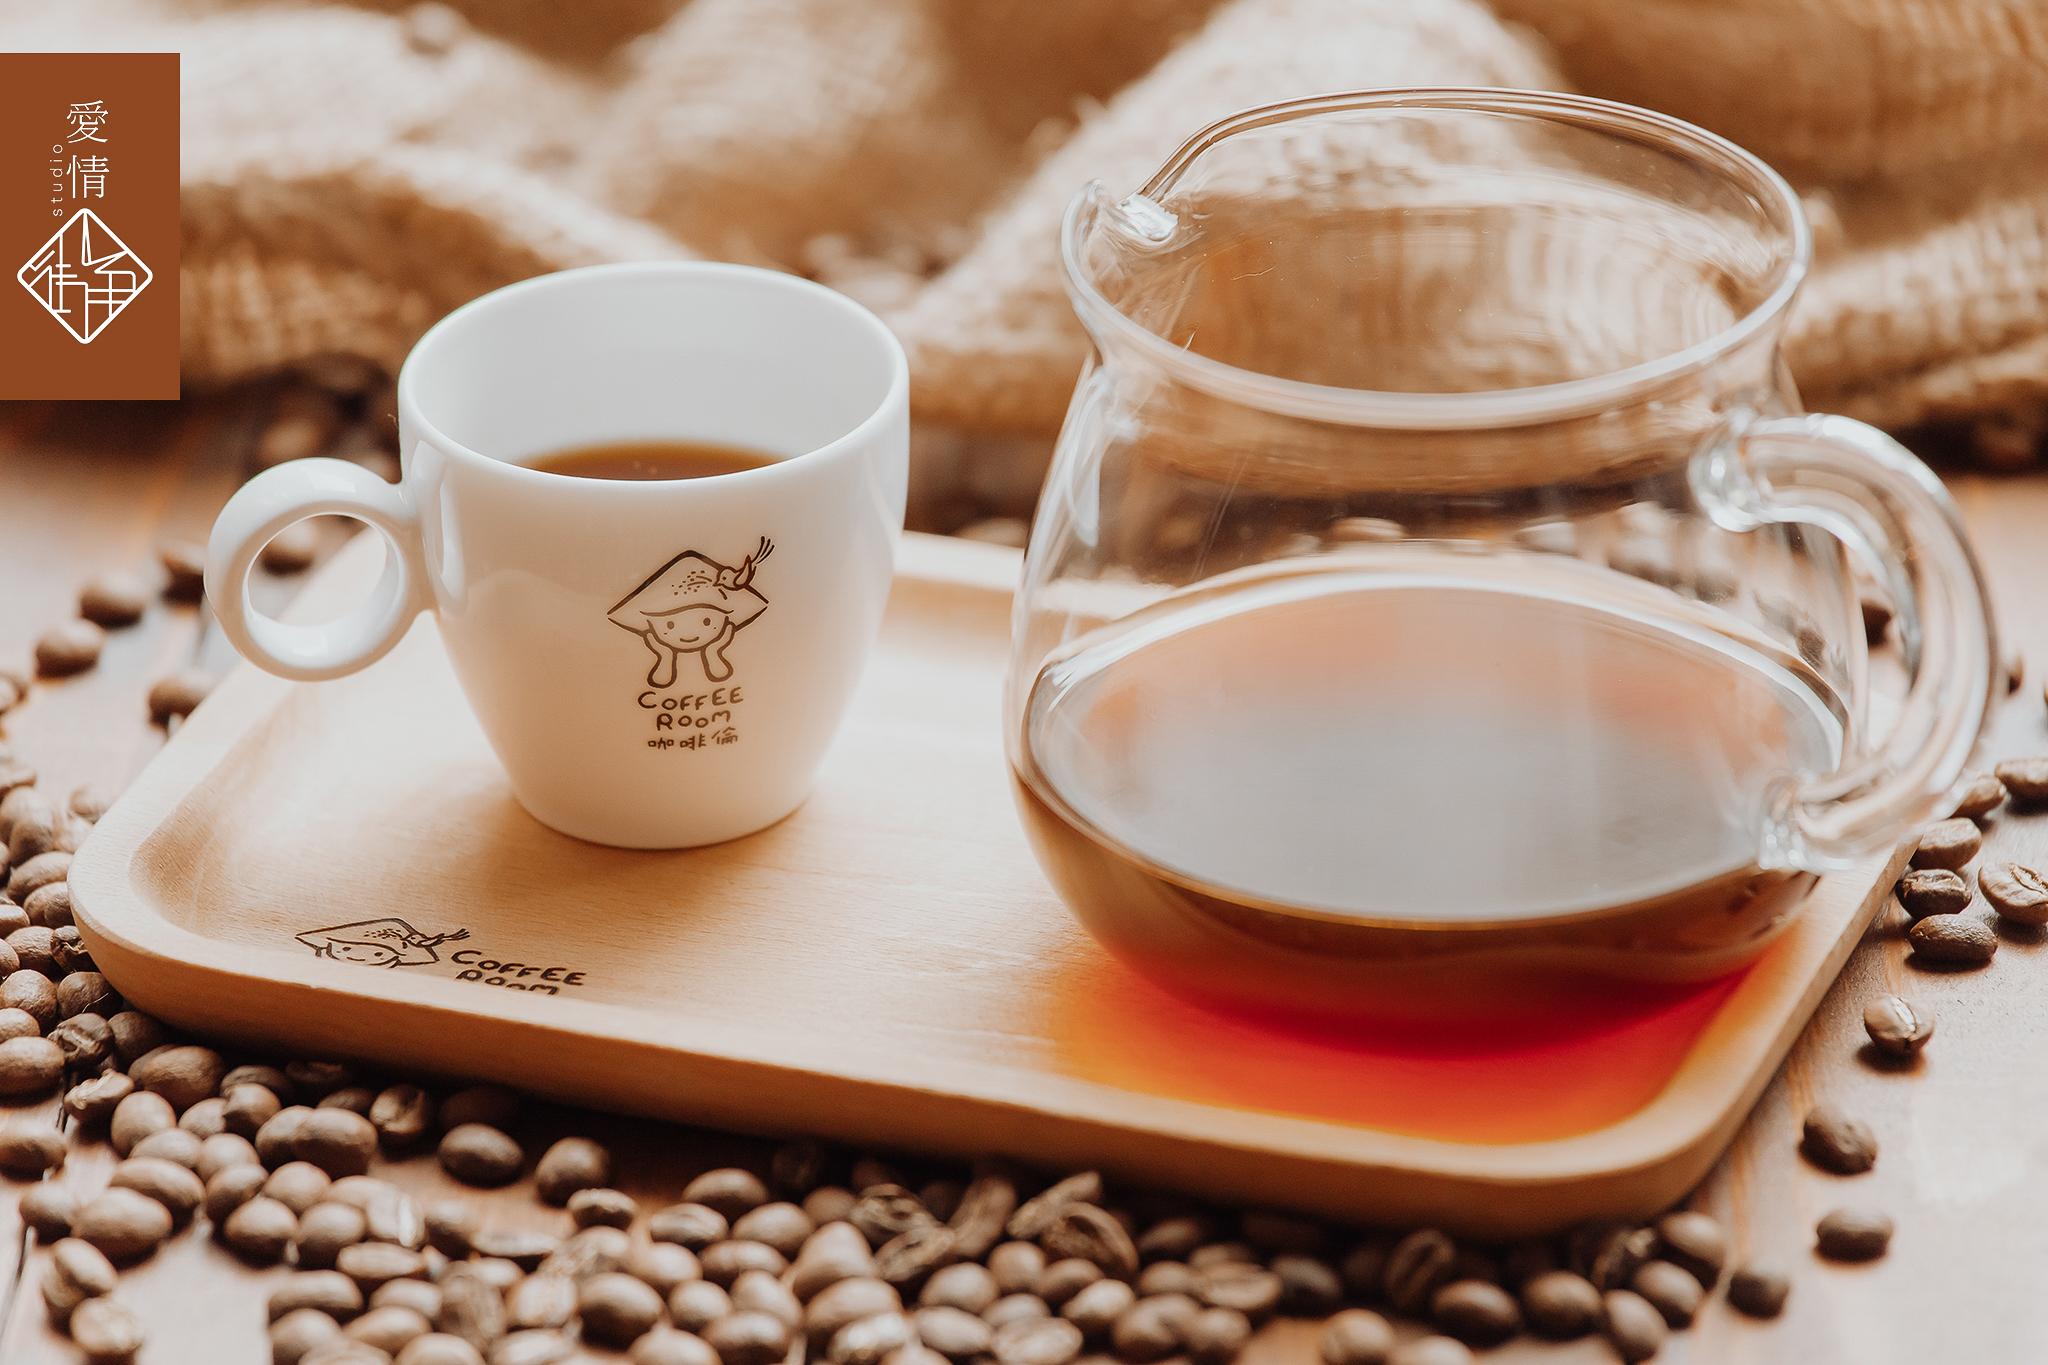 飲品攝影|Coffee Room 咖啡倫|嘉義美食咖啡攝影